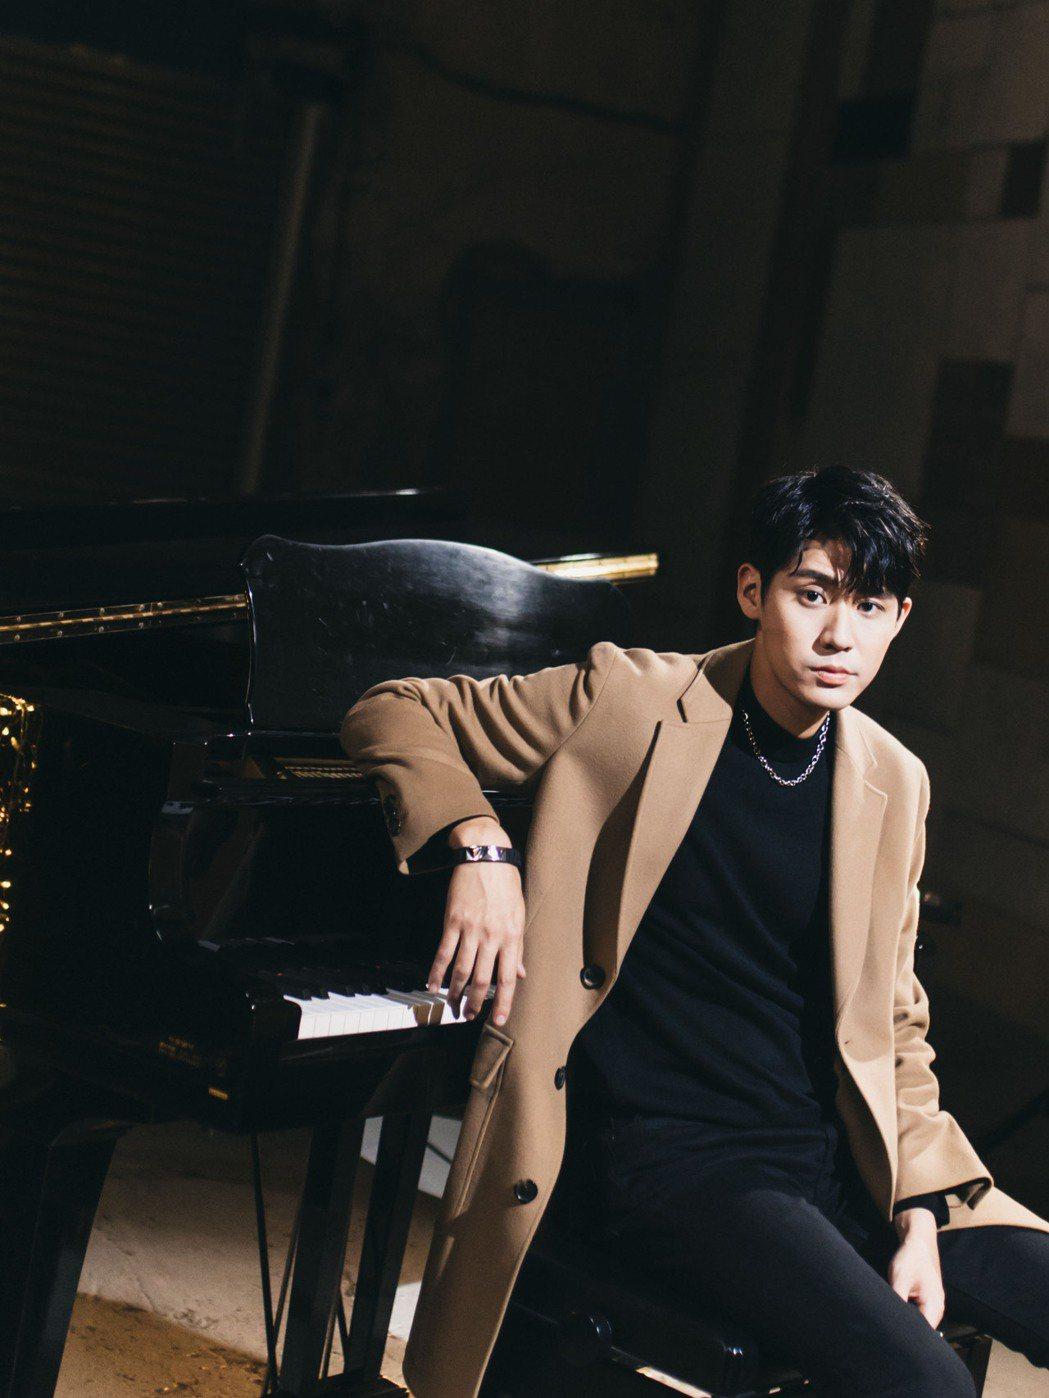 李玉璽新歌「渴望的魚」隨TVBS年度大戲「粉紅色時光」熱播爆紅。圖/老鷹音樂提供